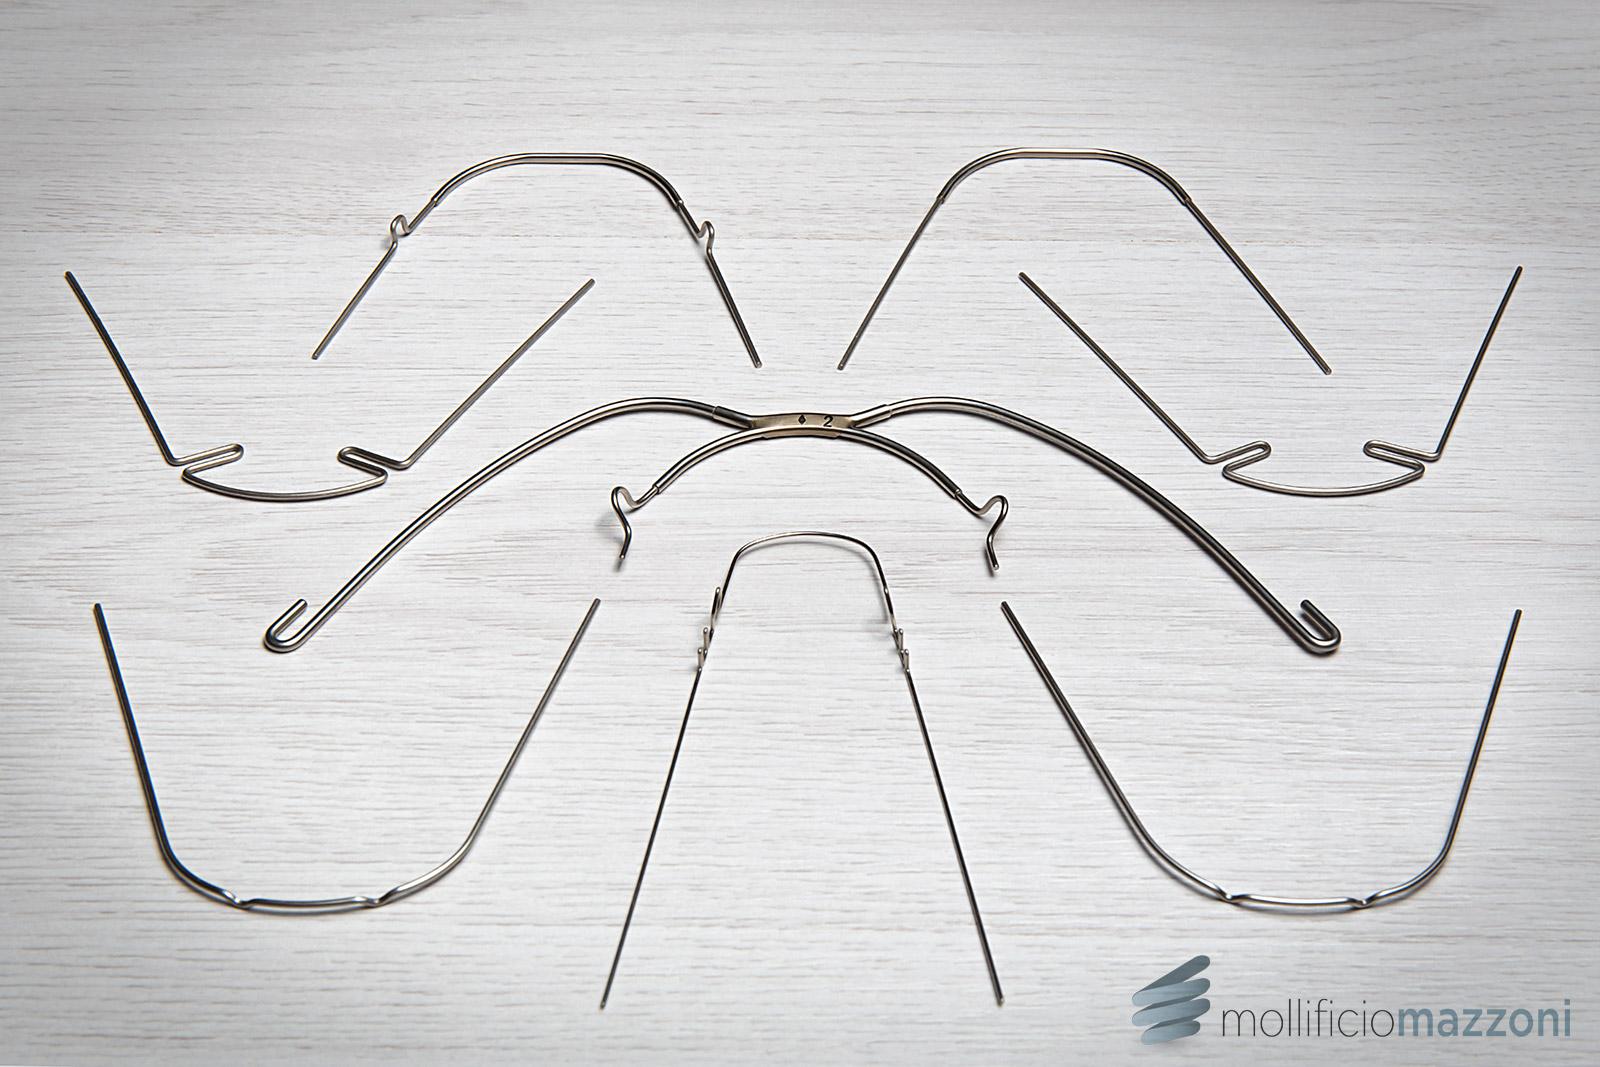 mollificio-mazzoni-molle-medicali-01